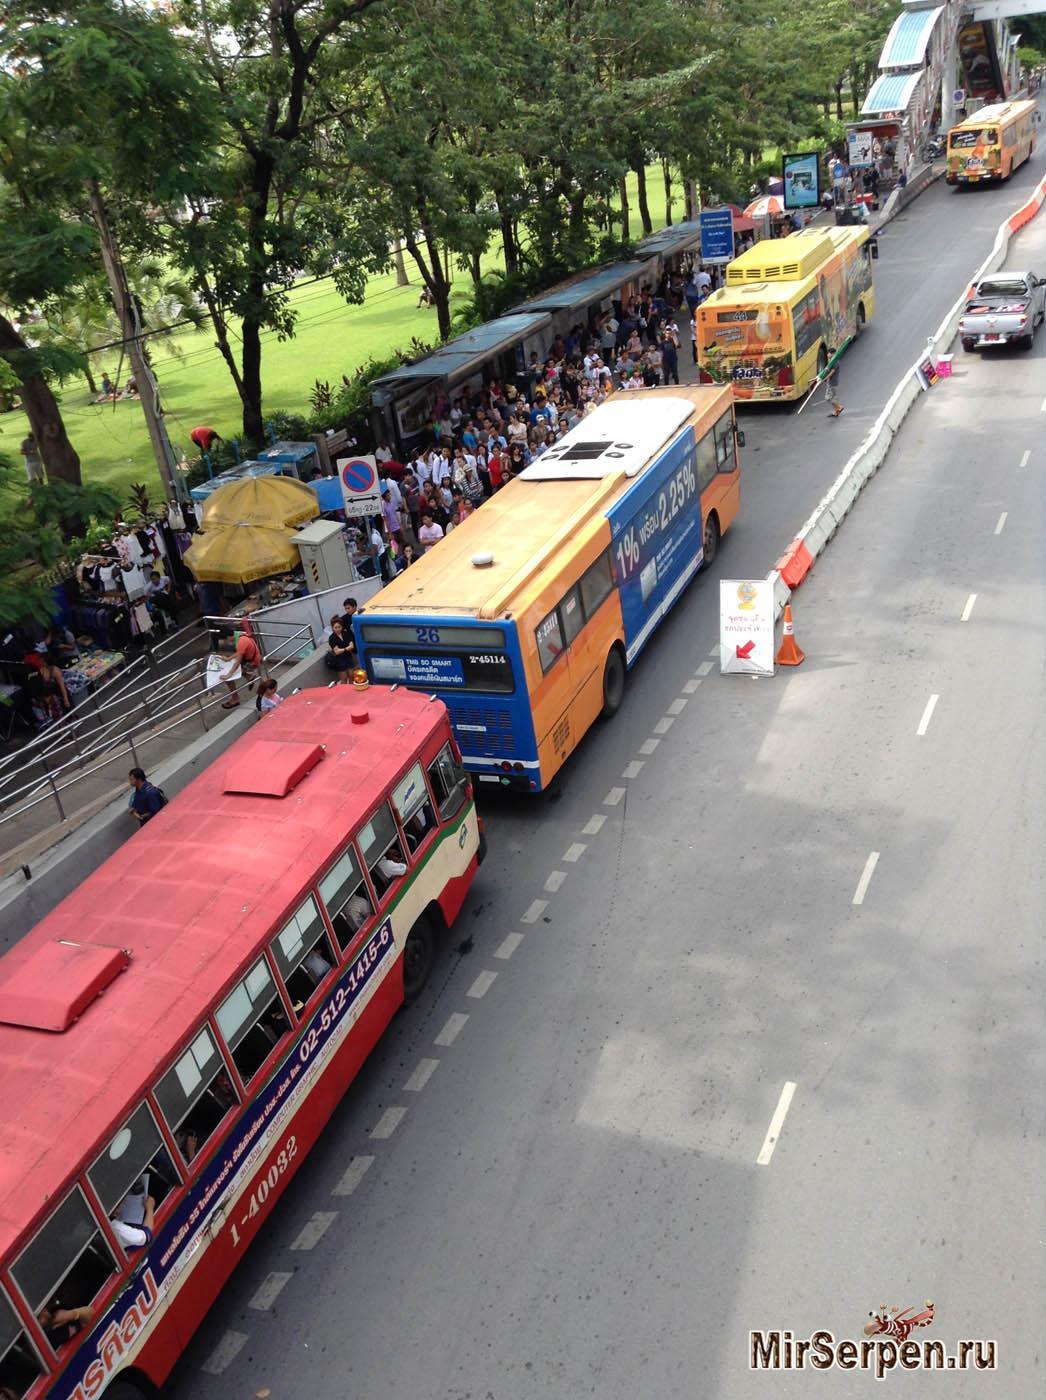 Комфортный стиль поездок по Бангкоку